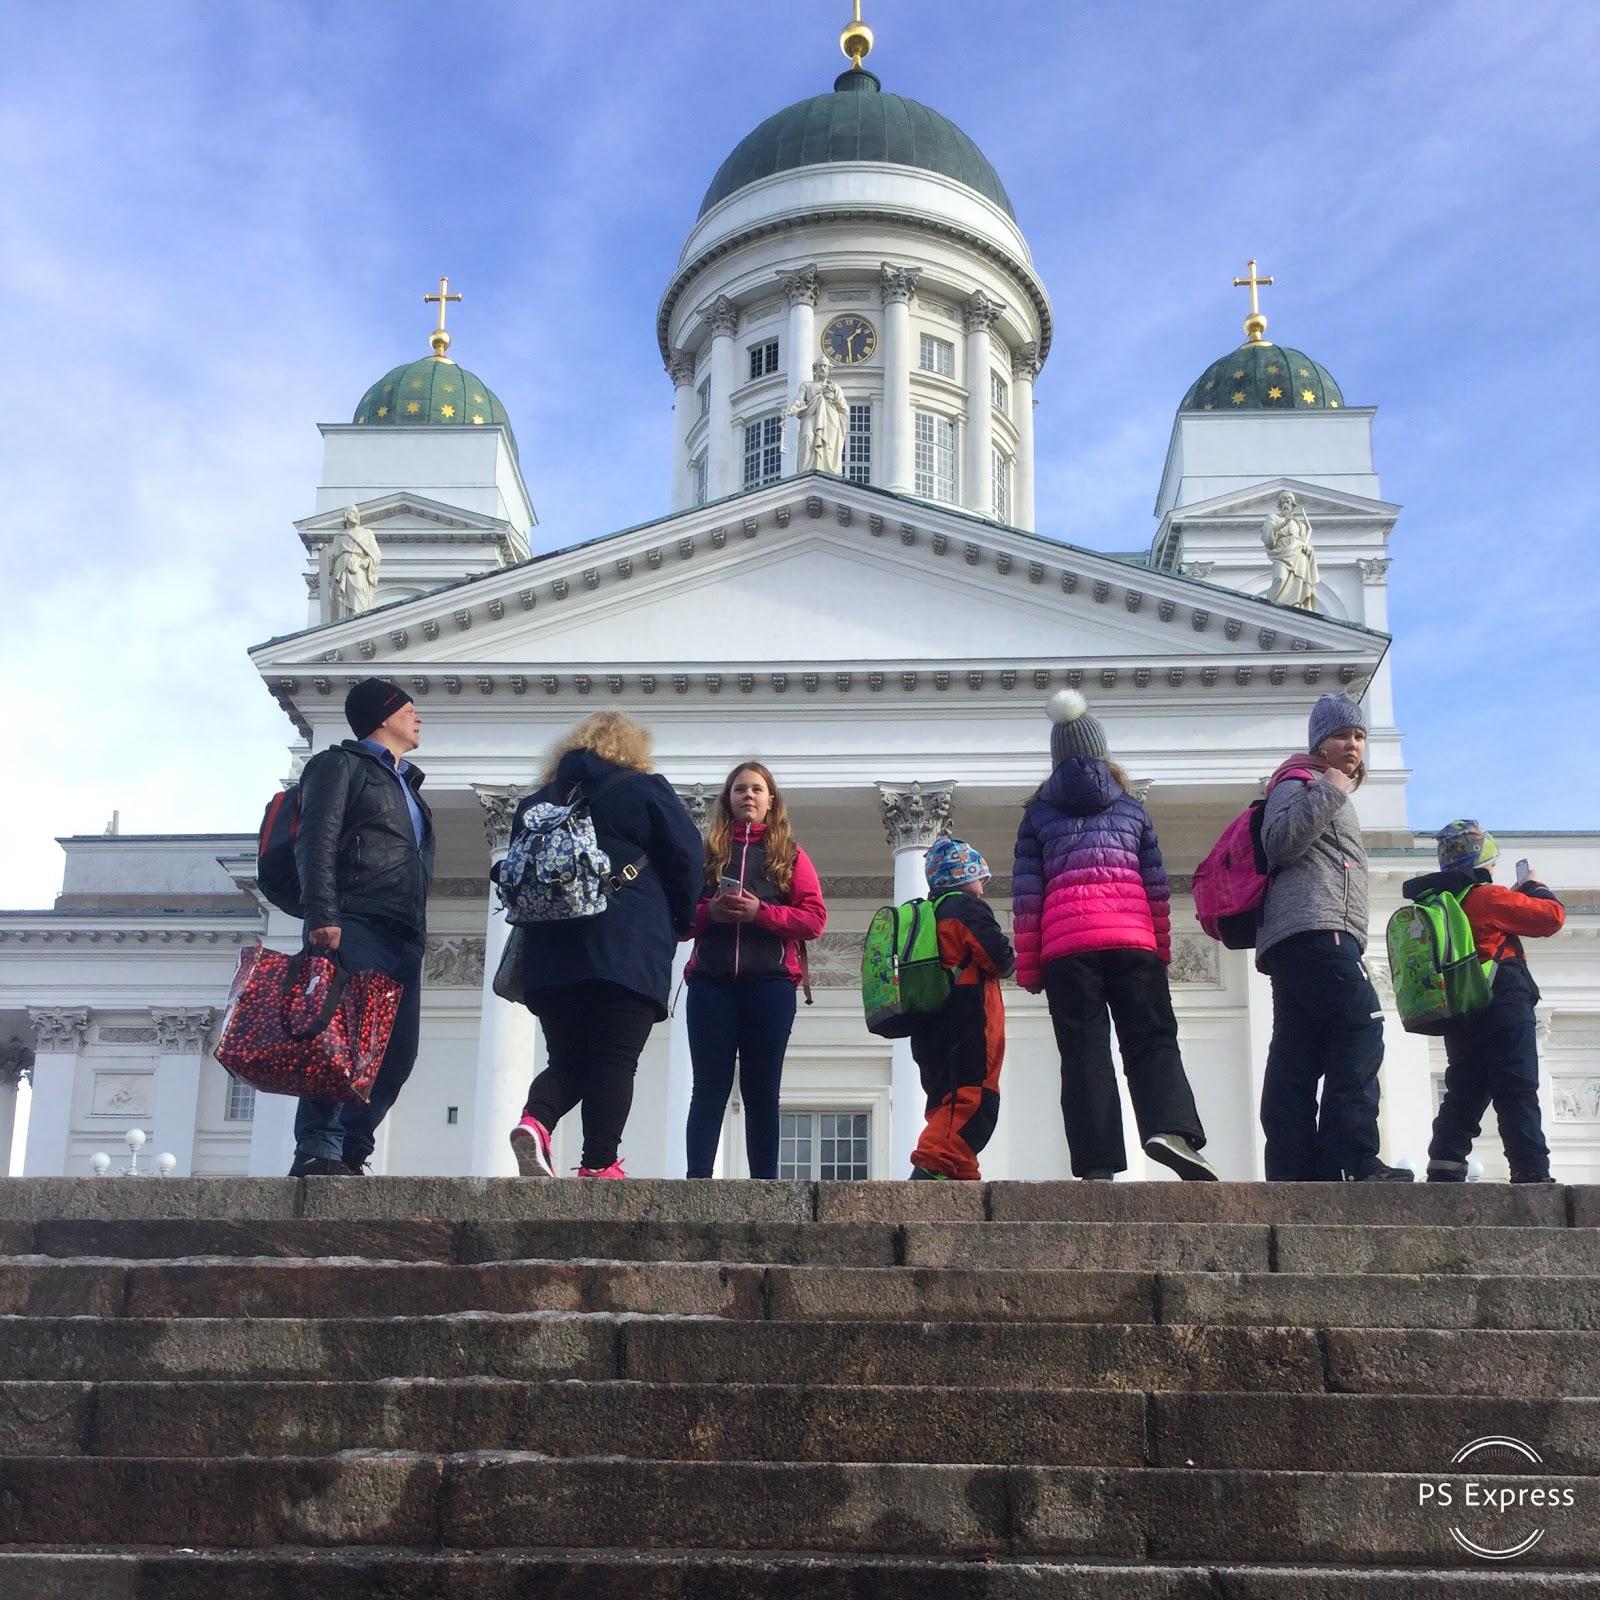 Lasten Leikkipaikka Helsinki